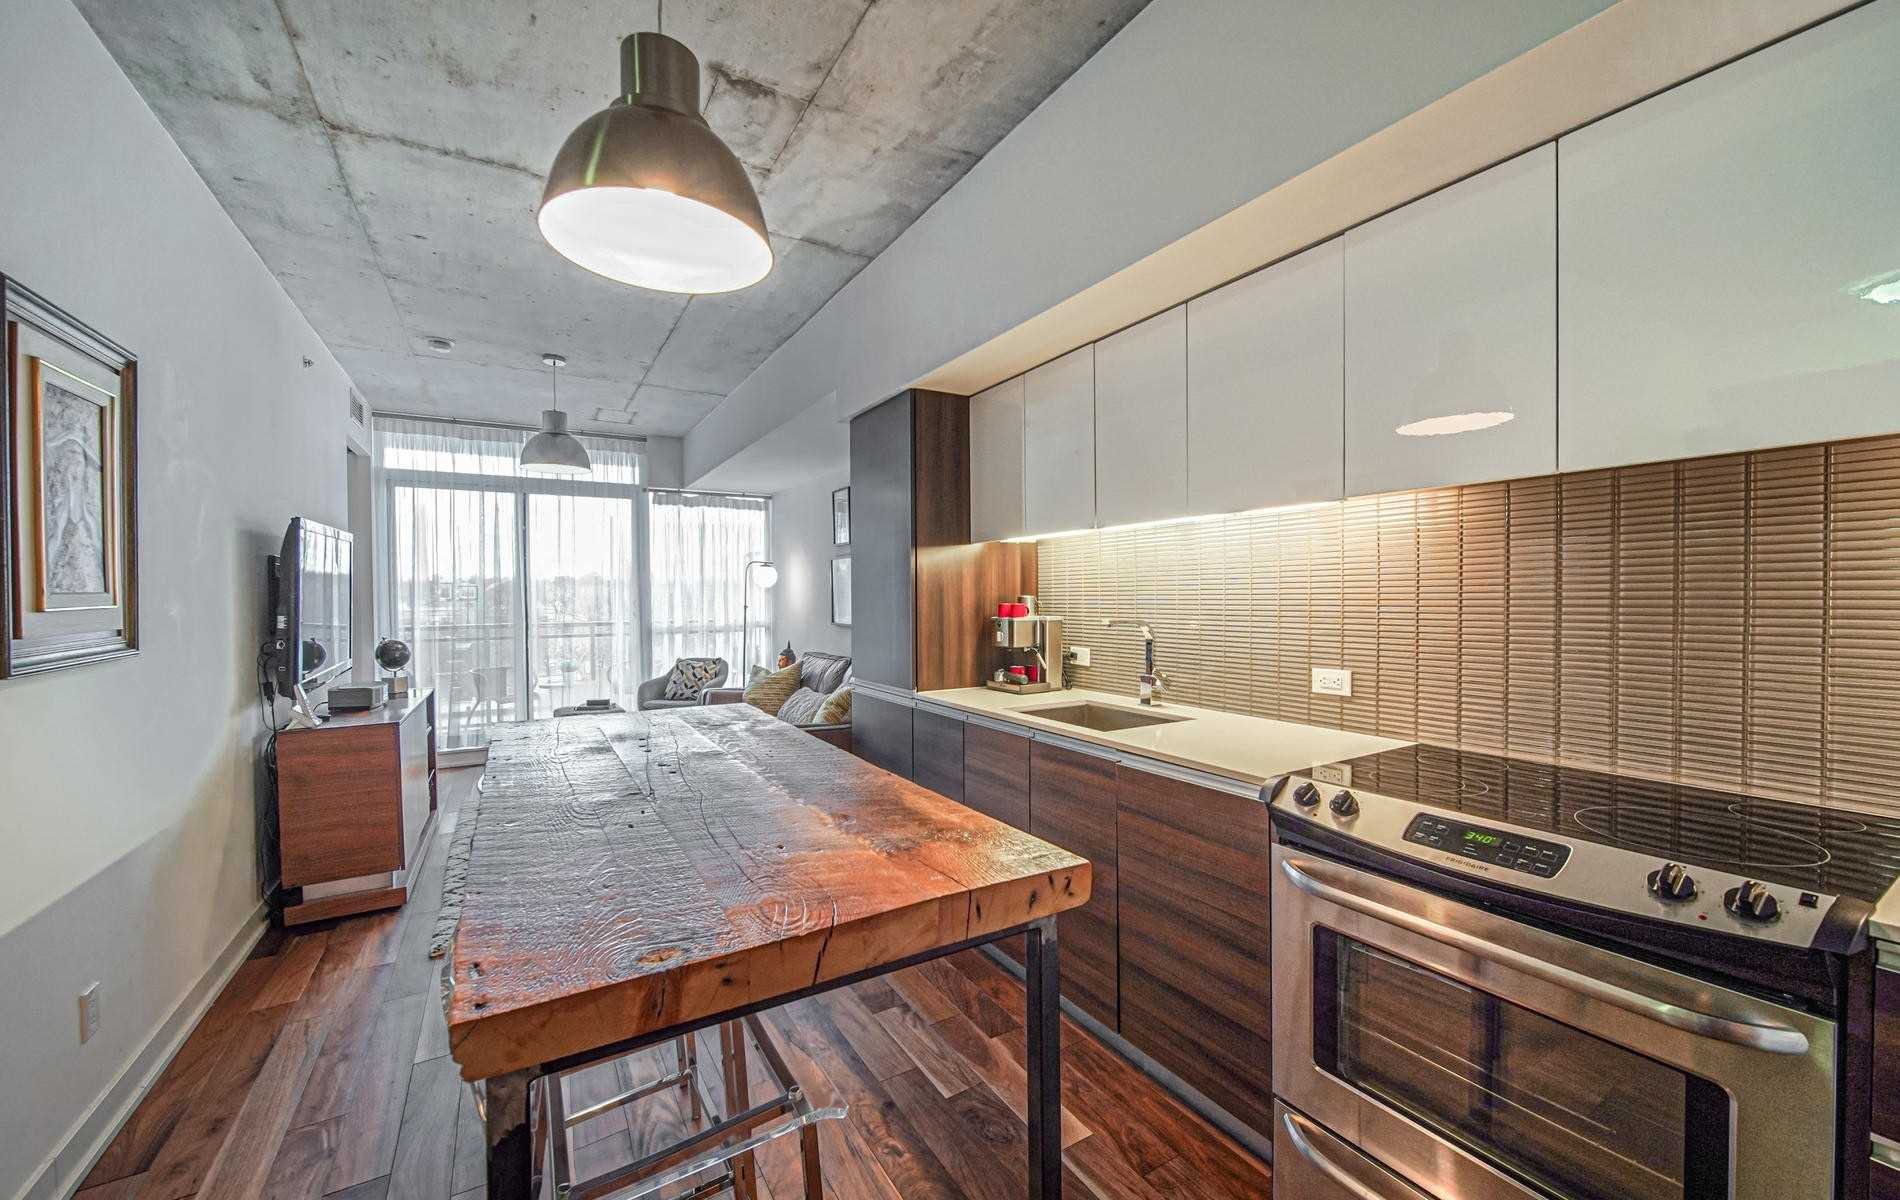 Photo 9: Photos: 702 1190 E Dundas Street in Toronto: South Riverdale Condo for sale (Toronto E01)  : MLS®# E4766173